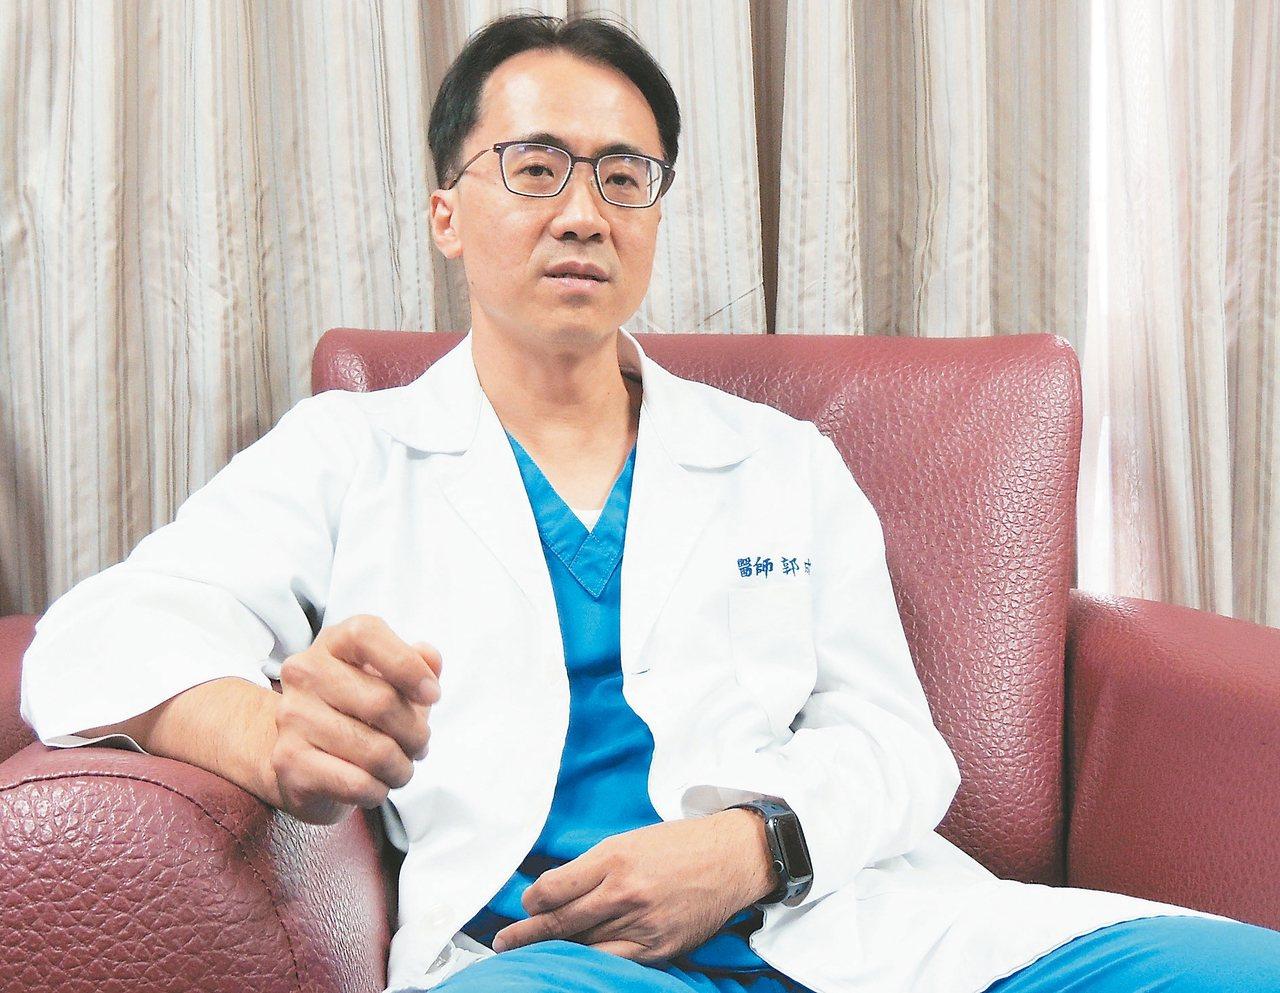 郭成興說,學校教他醫病,但父親教他救人。 記者羅紹平/攝影